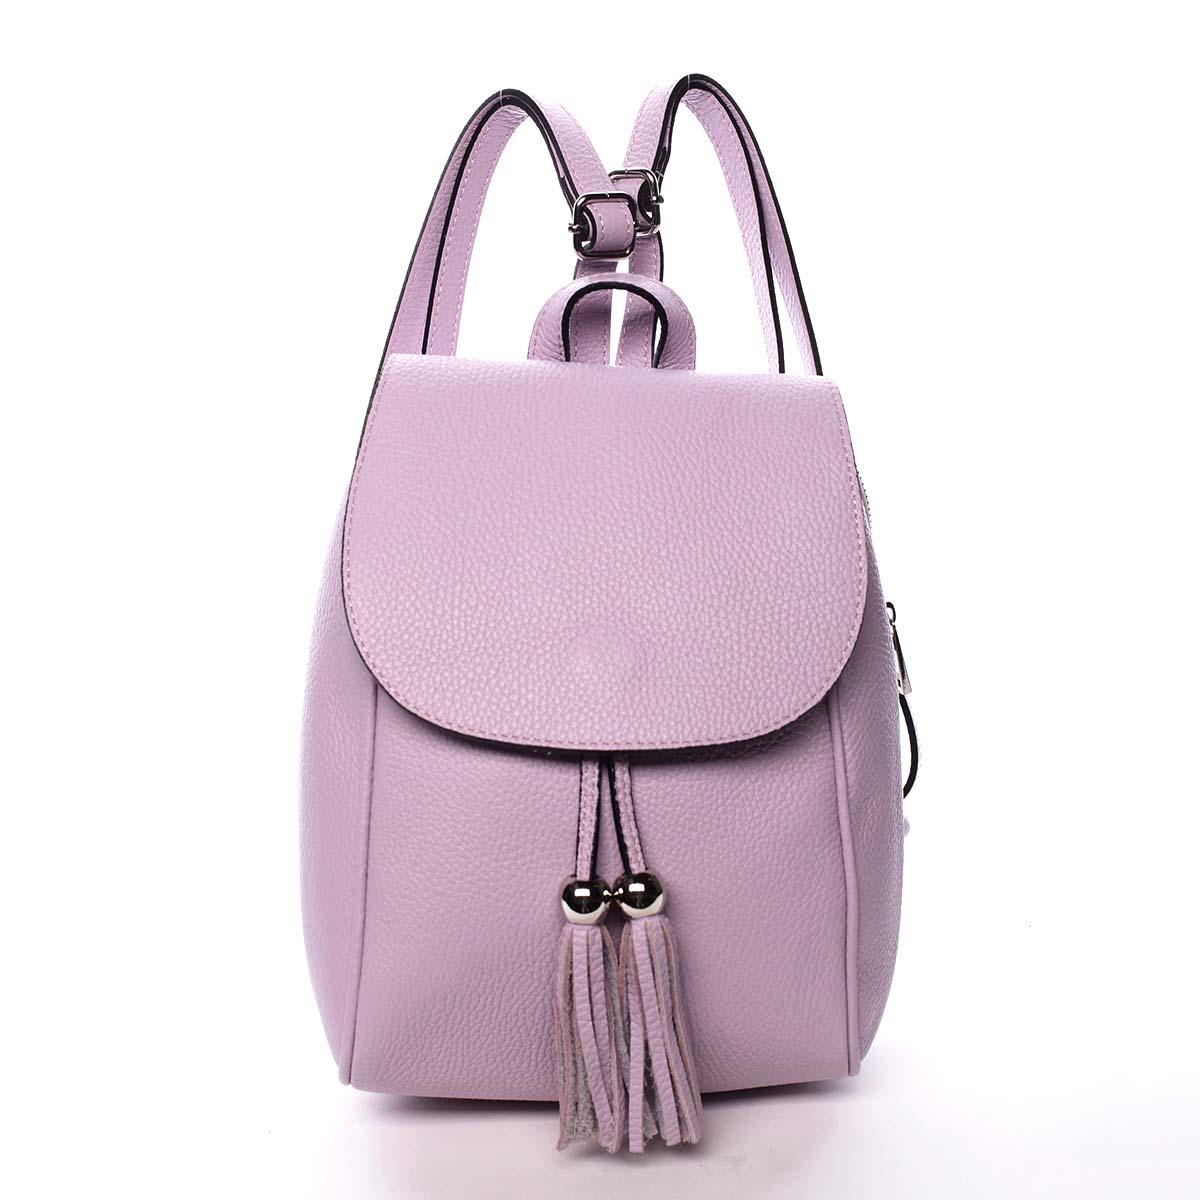 Dámsky kožený batôžtek fialový - ItalY Joseph